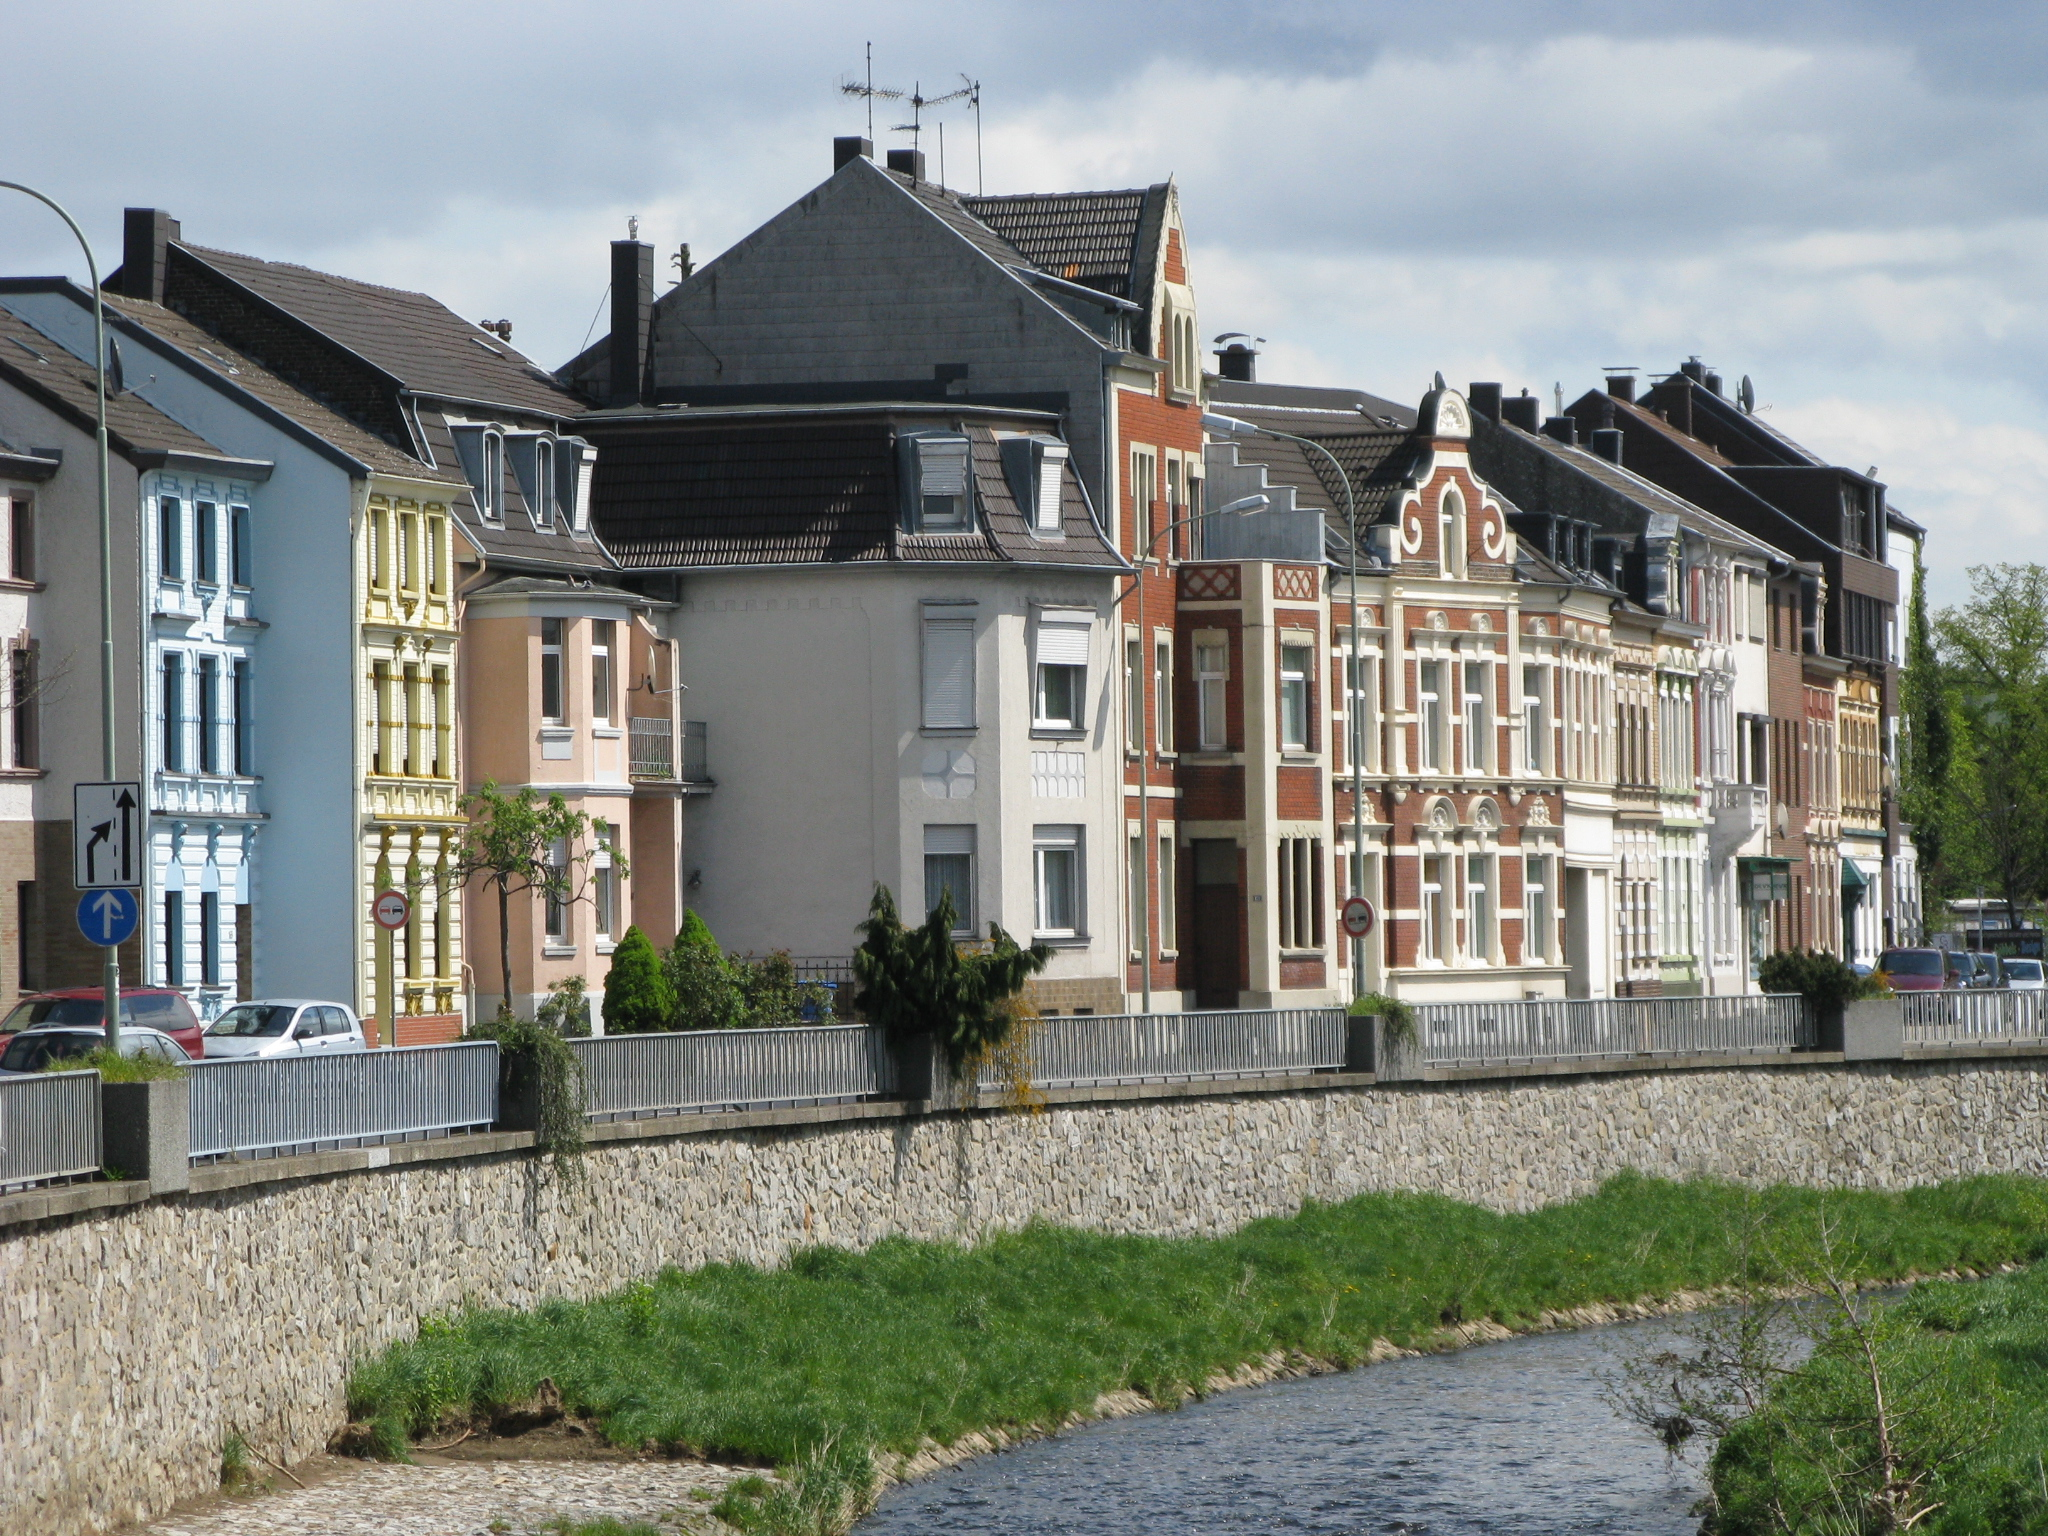 File:Eschweiler Indestraße.JPG - Wikimedia Commons  File:Eschweiler...